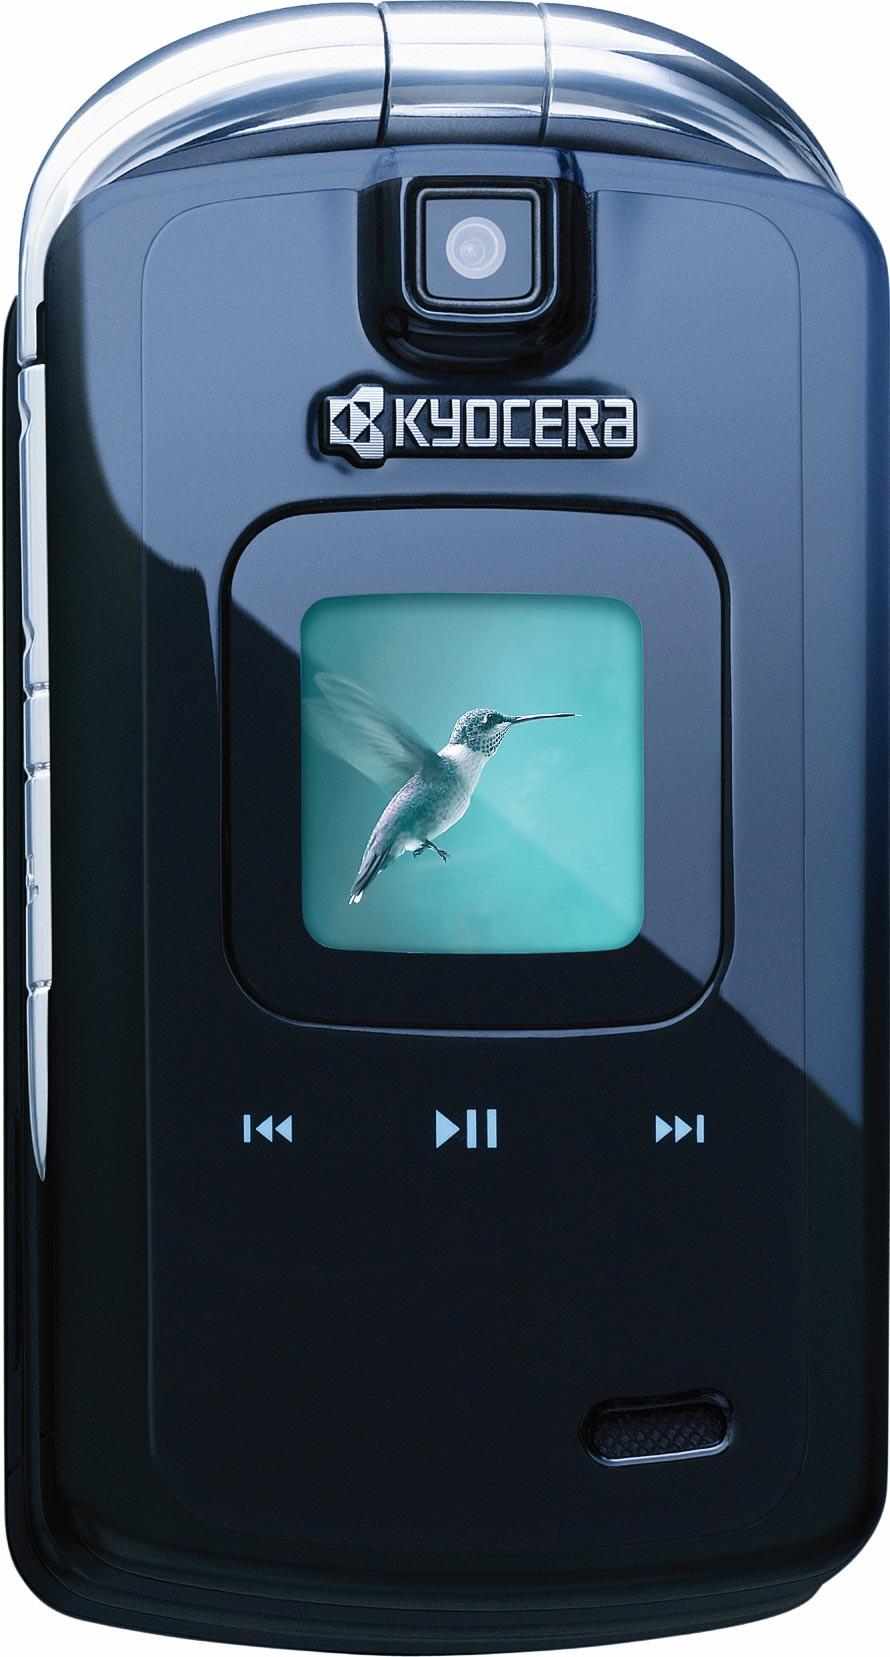 Kyocera E5000